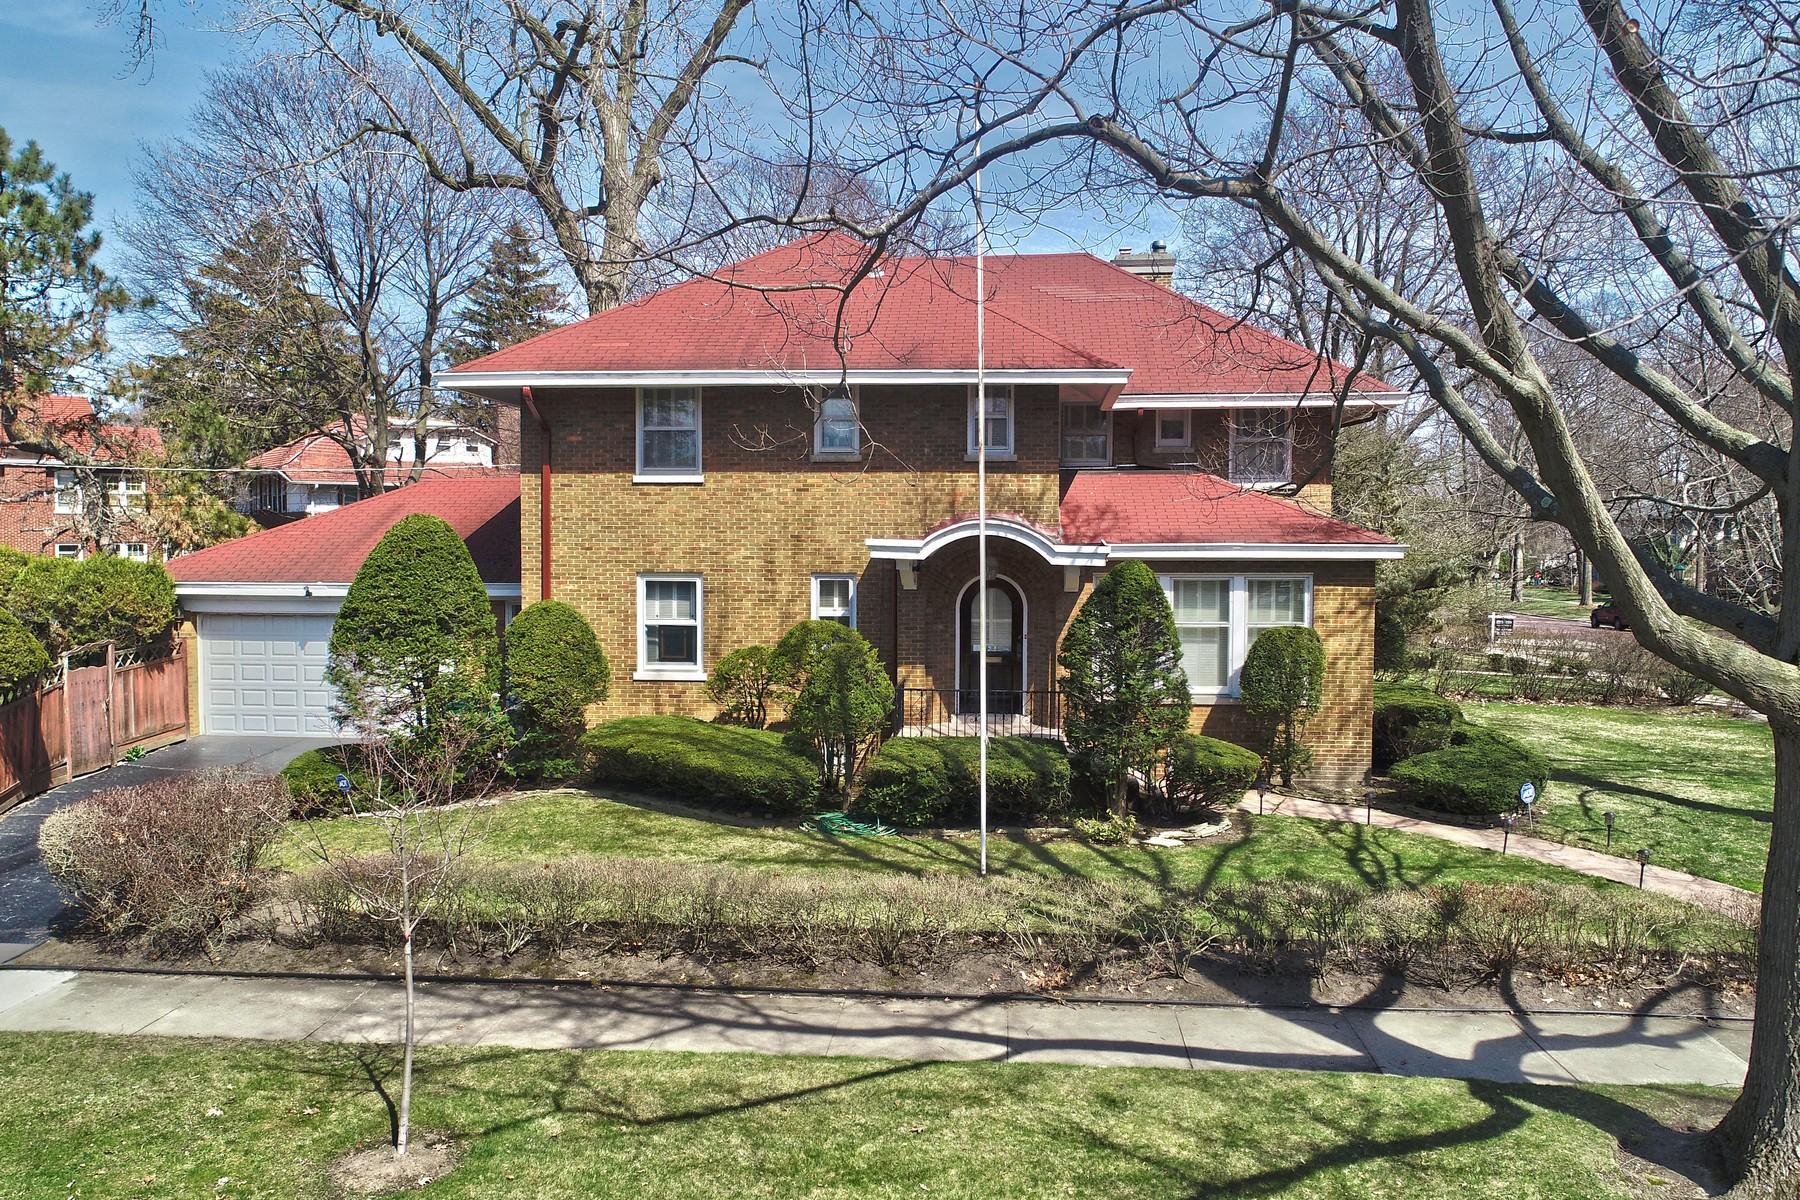 Частный односемейный дом для того Продажа на Grand and gracious brick home 630 Elmwood Avenue Wilmette, Иллинойс 60091 Соединенные Штаты